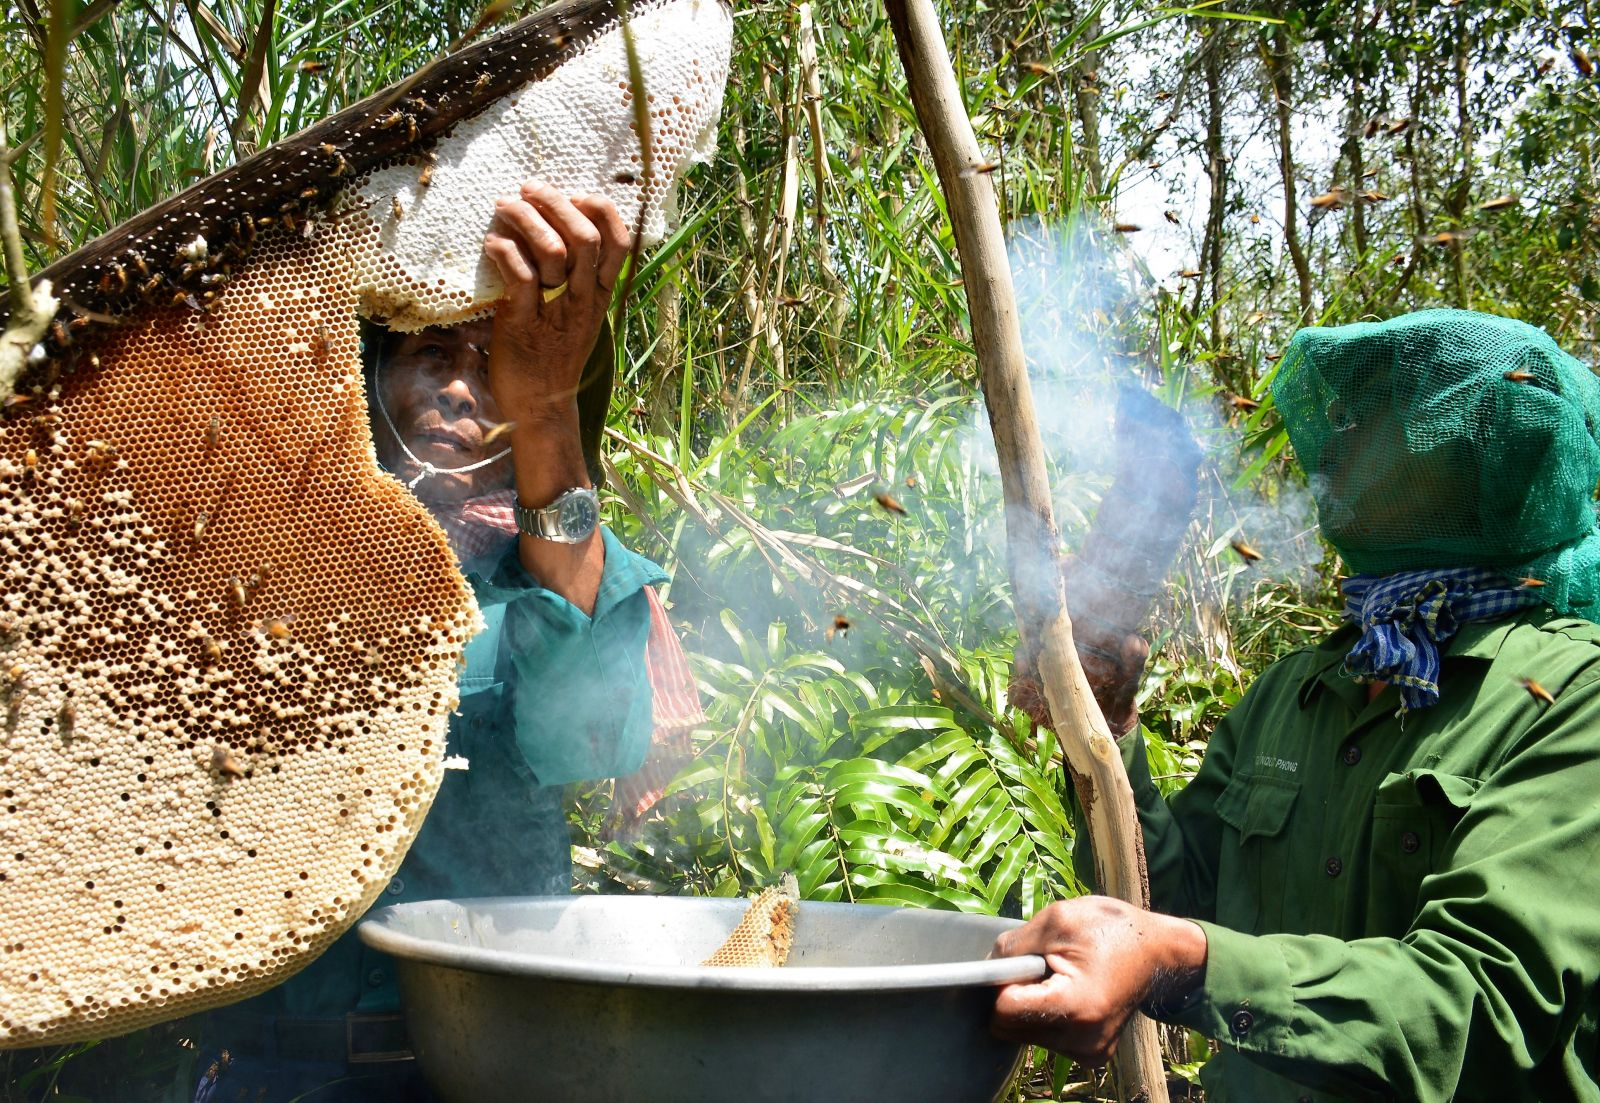 Nghề gác kèo ong - Di sản Văn hóa phi vật thể của đất rừng U Minh hạ